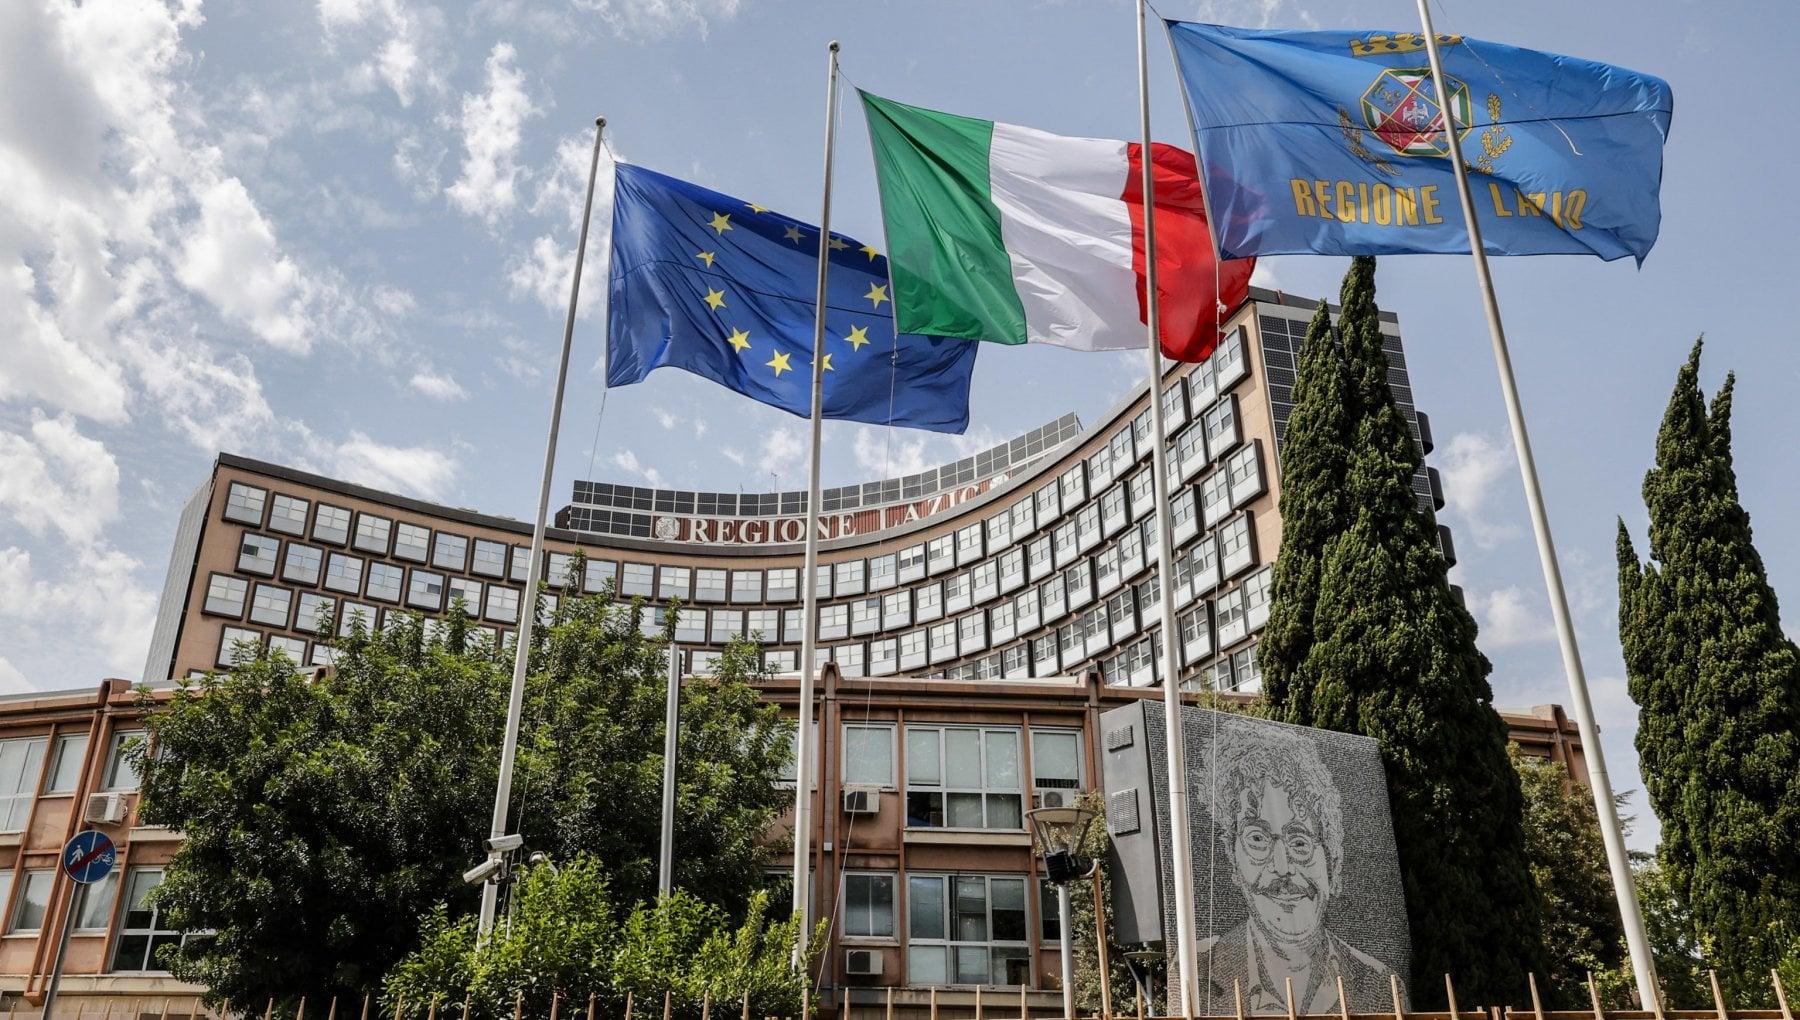 """040403286 758fcffd 32b3 4d2b b7bd a3cc7b83feb1 - Gli hacker bloccano i vaccini in tilt il portale del Lazio: """"Pagate il riscatto in bitcoin"""""""